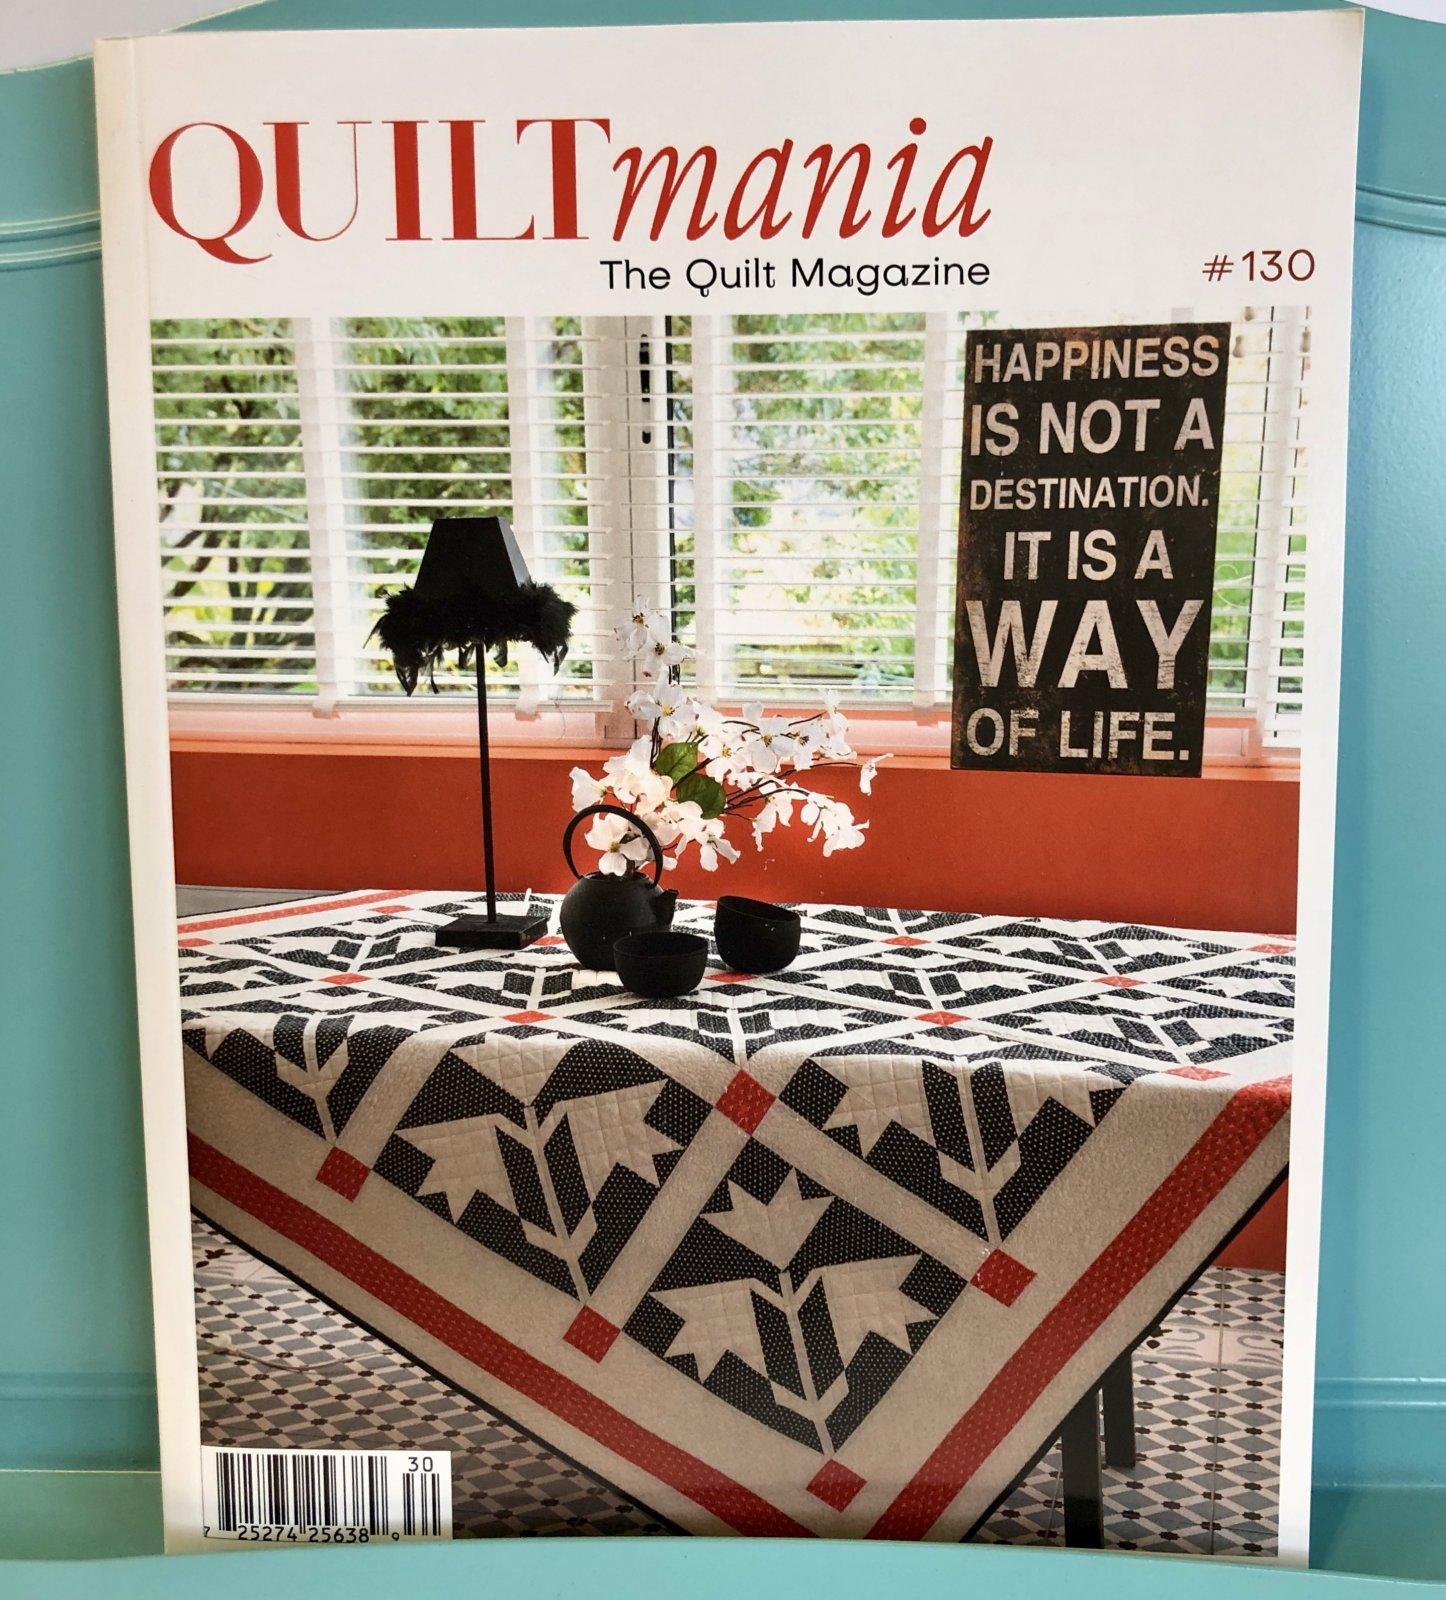 Quitmania #130